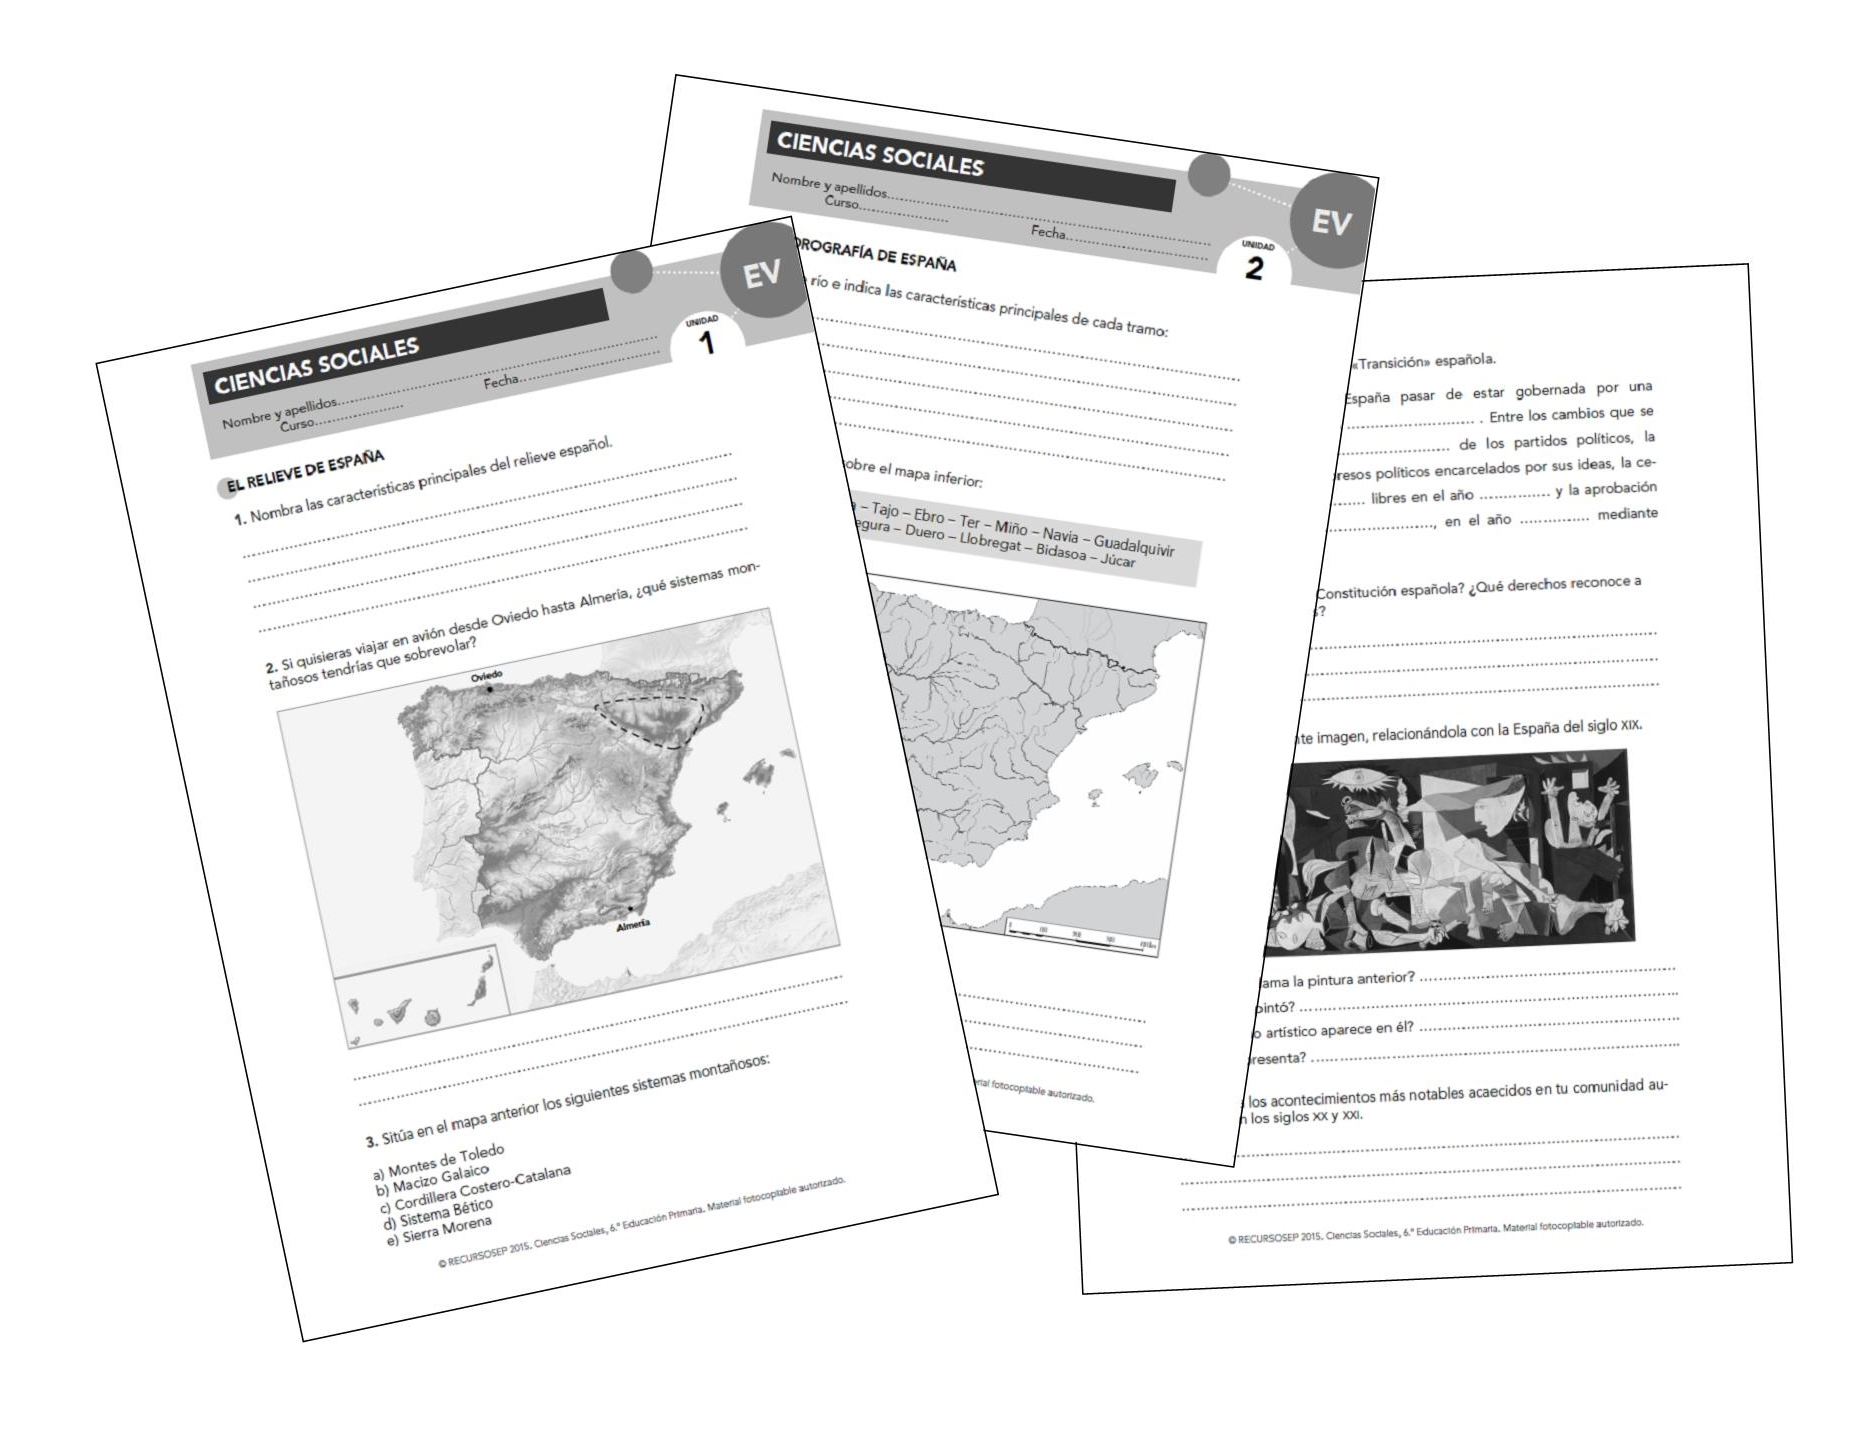 Evaluaciones propuestas 'APRENDER ES CRECER' (ANAYA